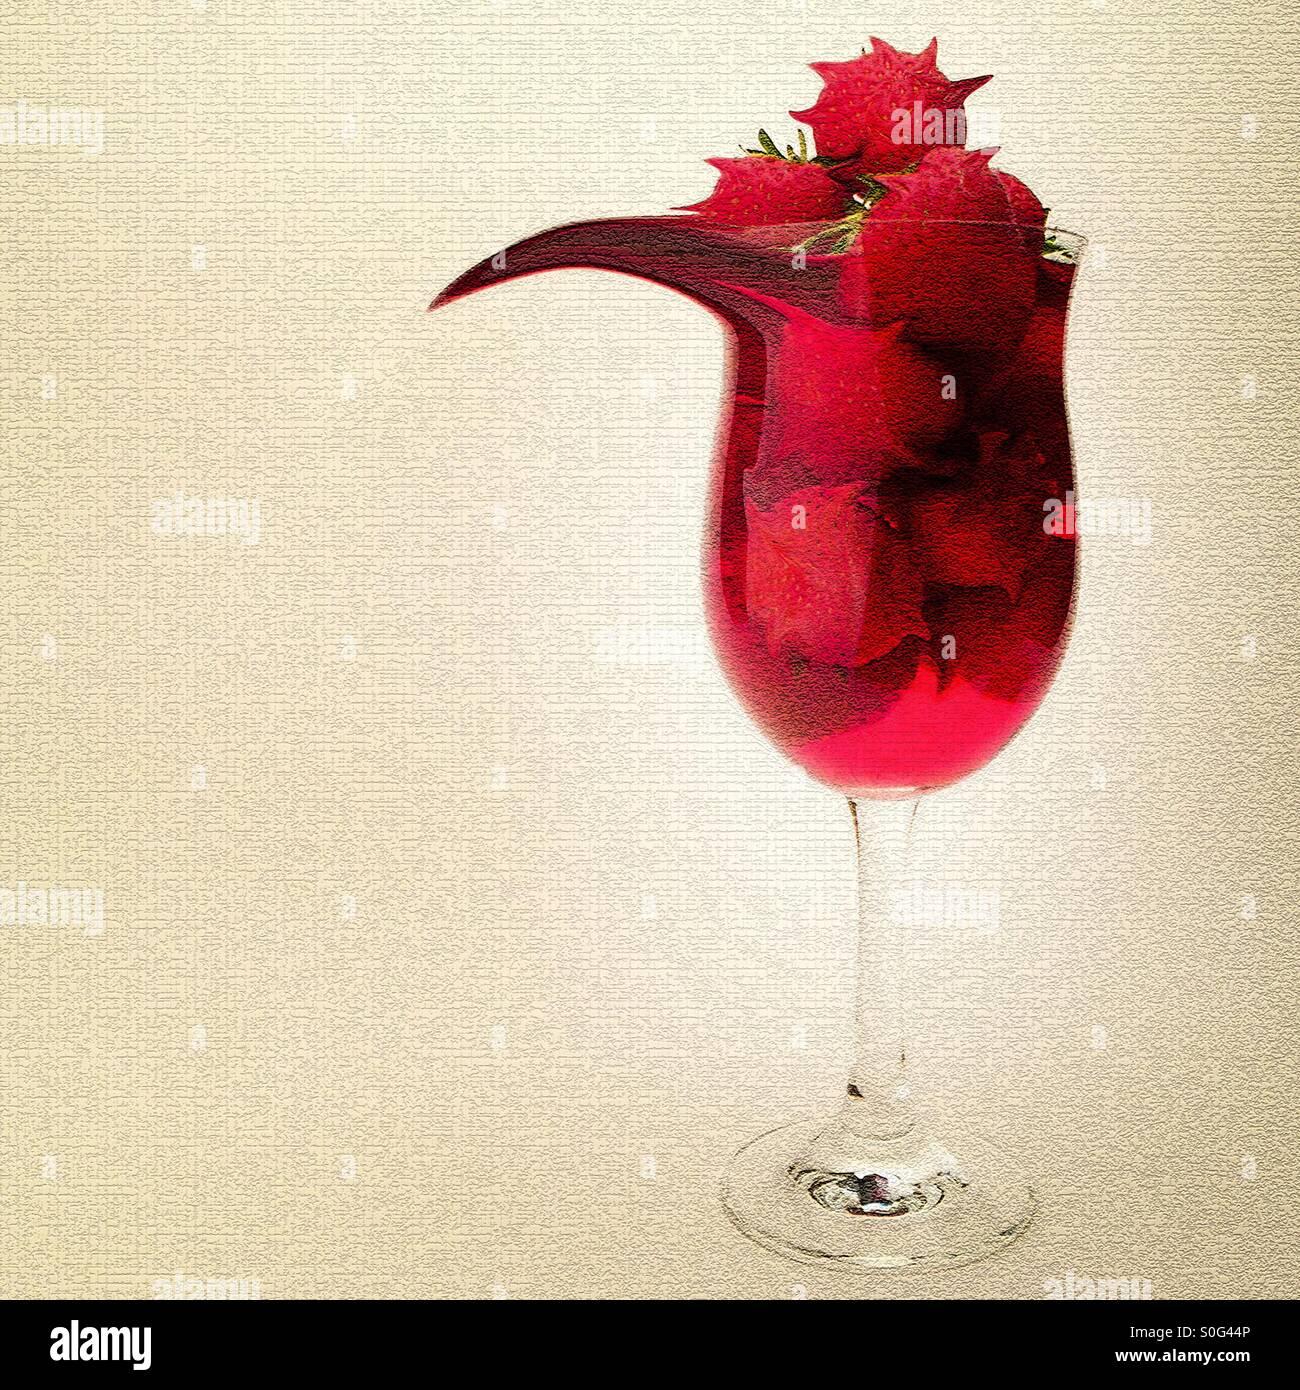 Surreal manipuliert Bild zeigt Erdbeeren und Orangensaft in ein hohes Glas. Stockbild